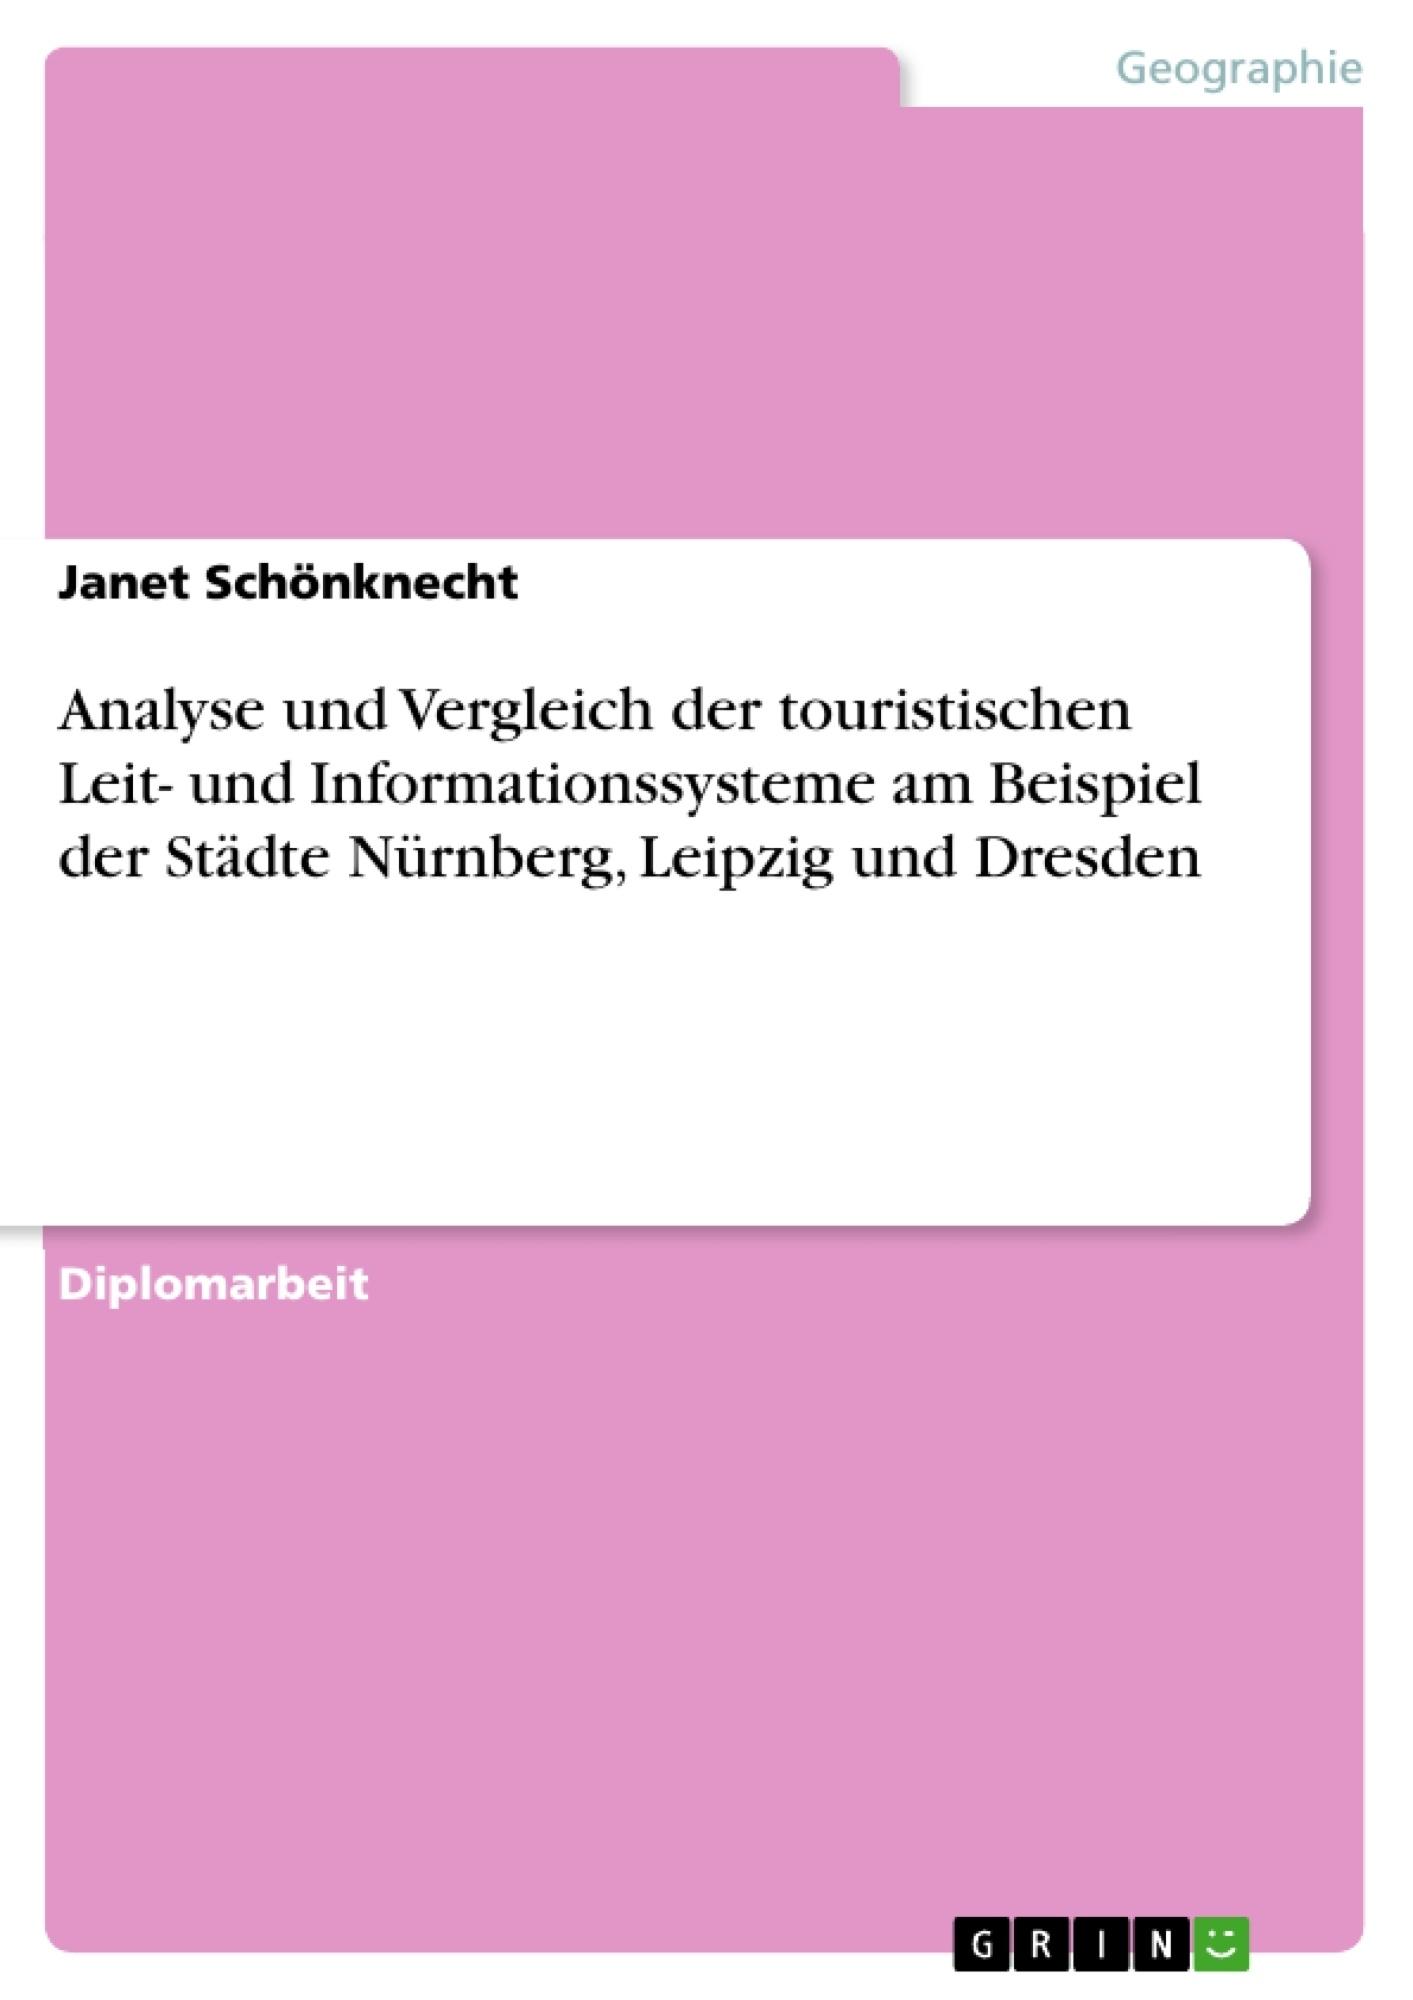 Titel: Analyse und Vergleich der touristischen Leit- und Informationssysteme am Beispiel der Städte Nürnberg, Leipzig und Dresden